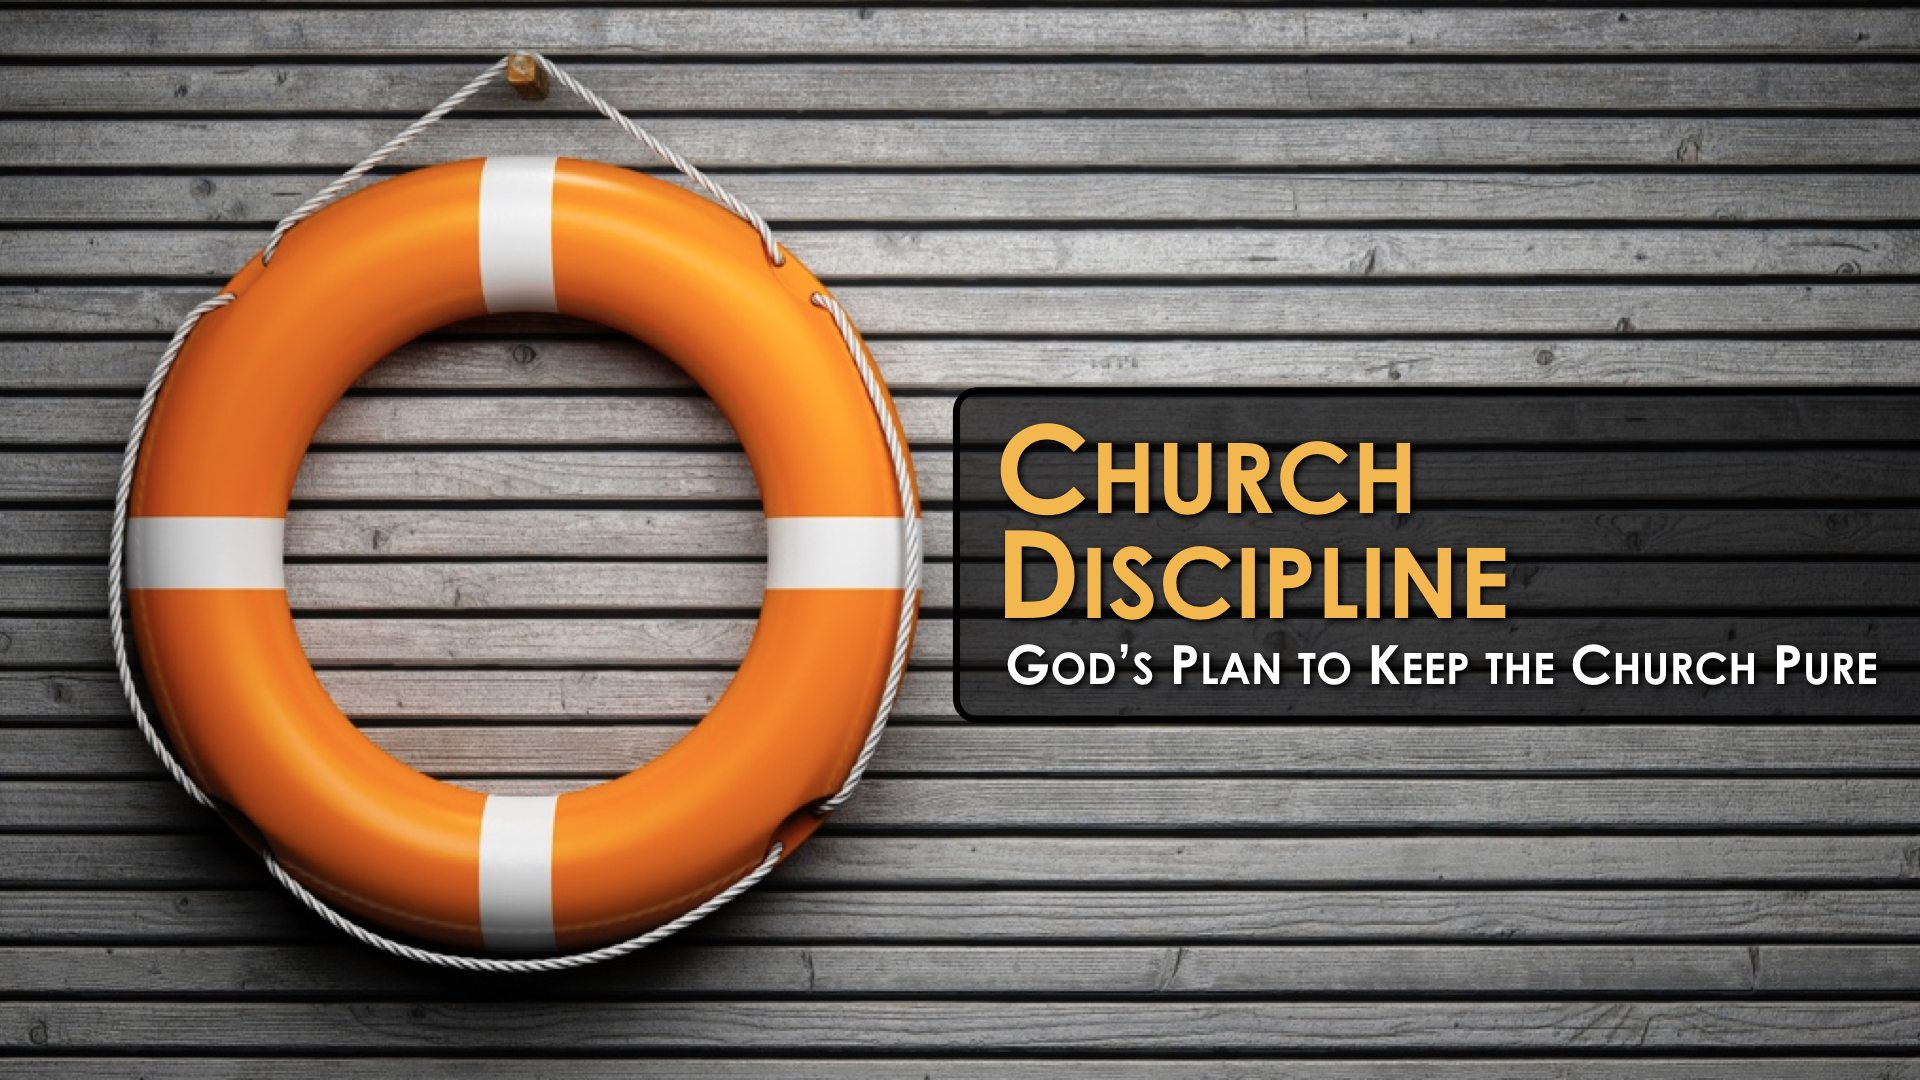 church discipline